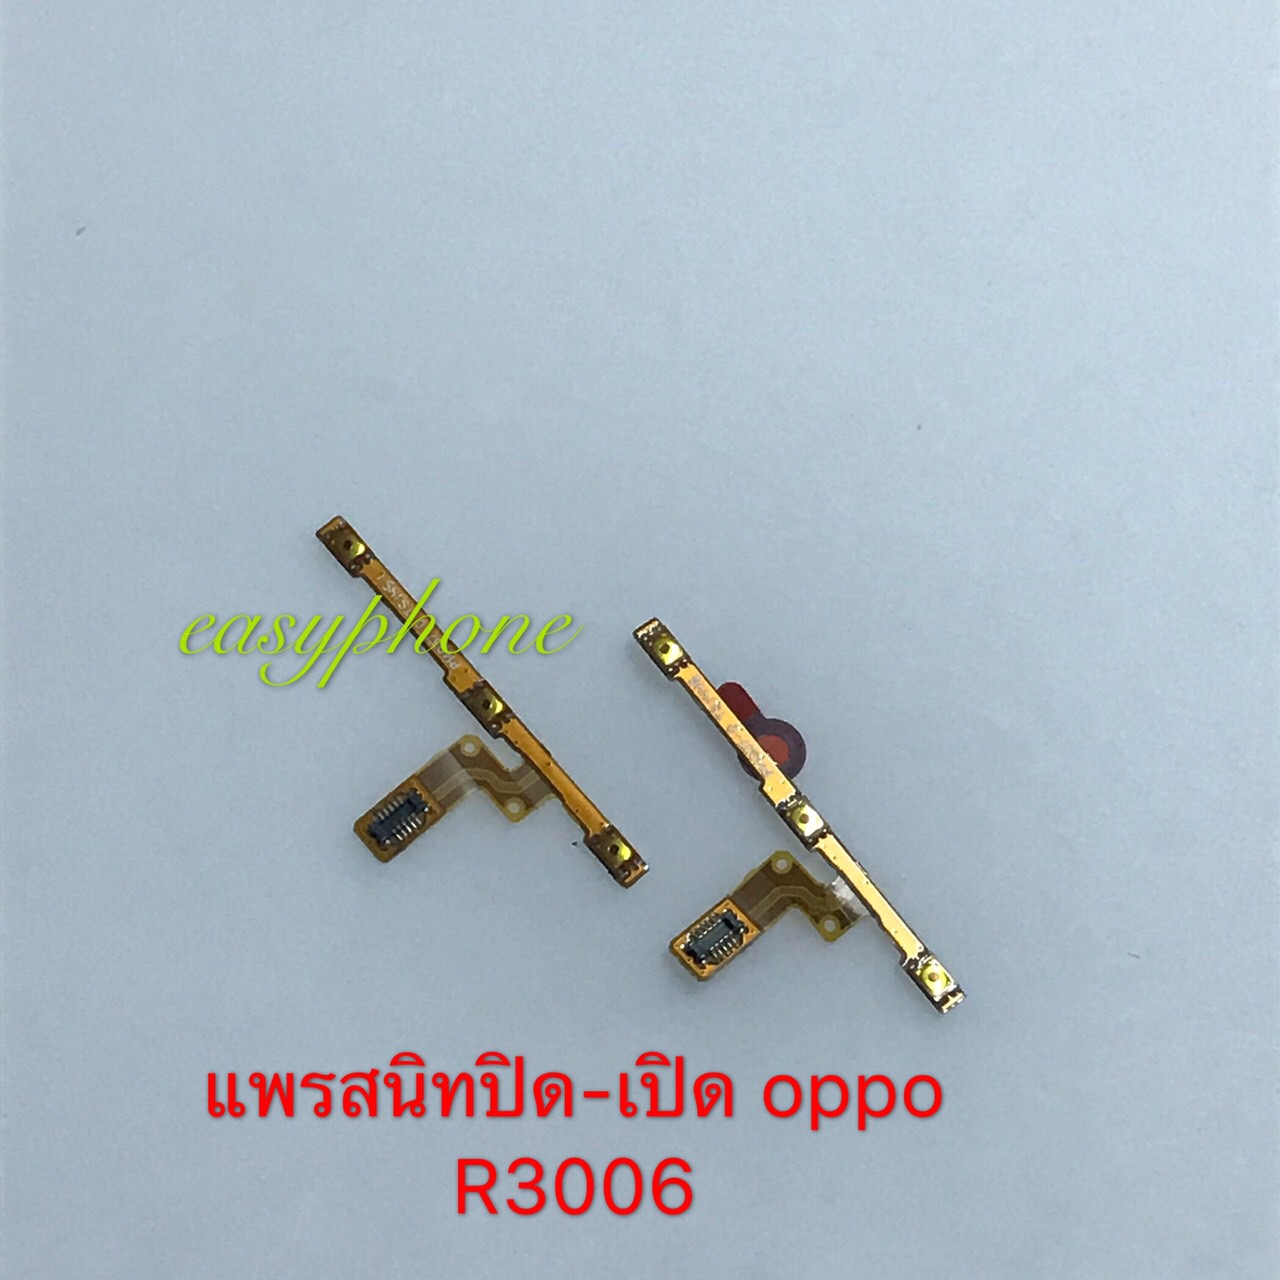 แพรสวิท เปิด-ปิด OPPO R3006